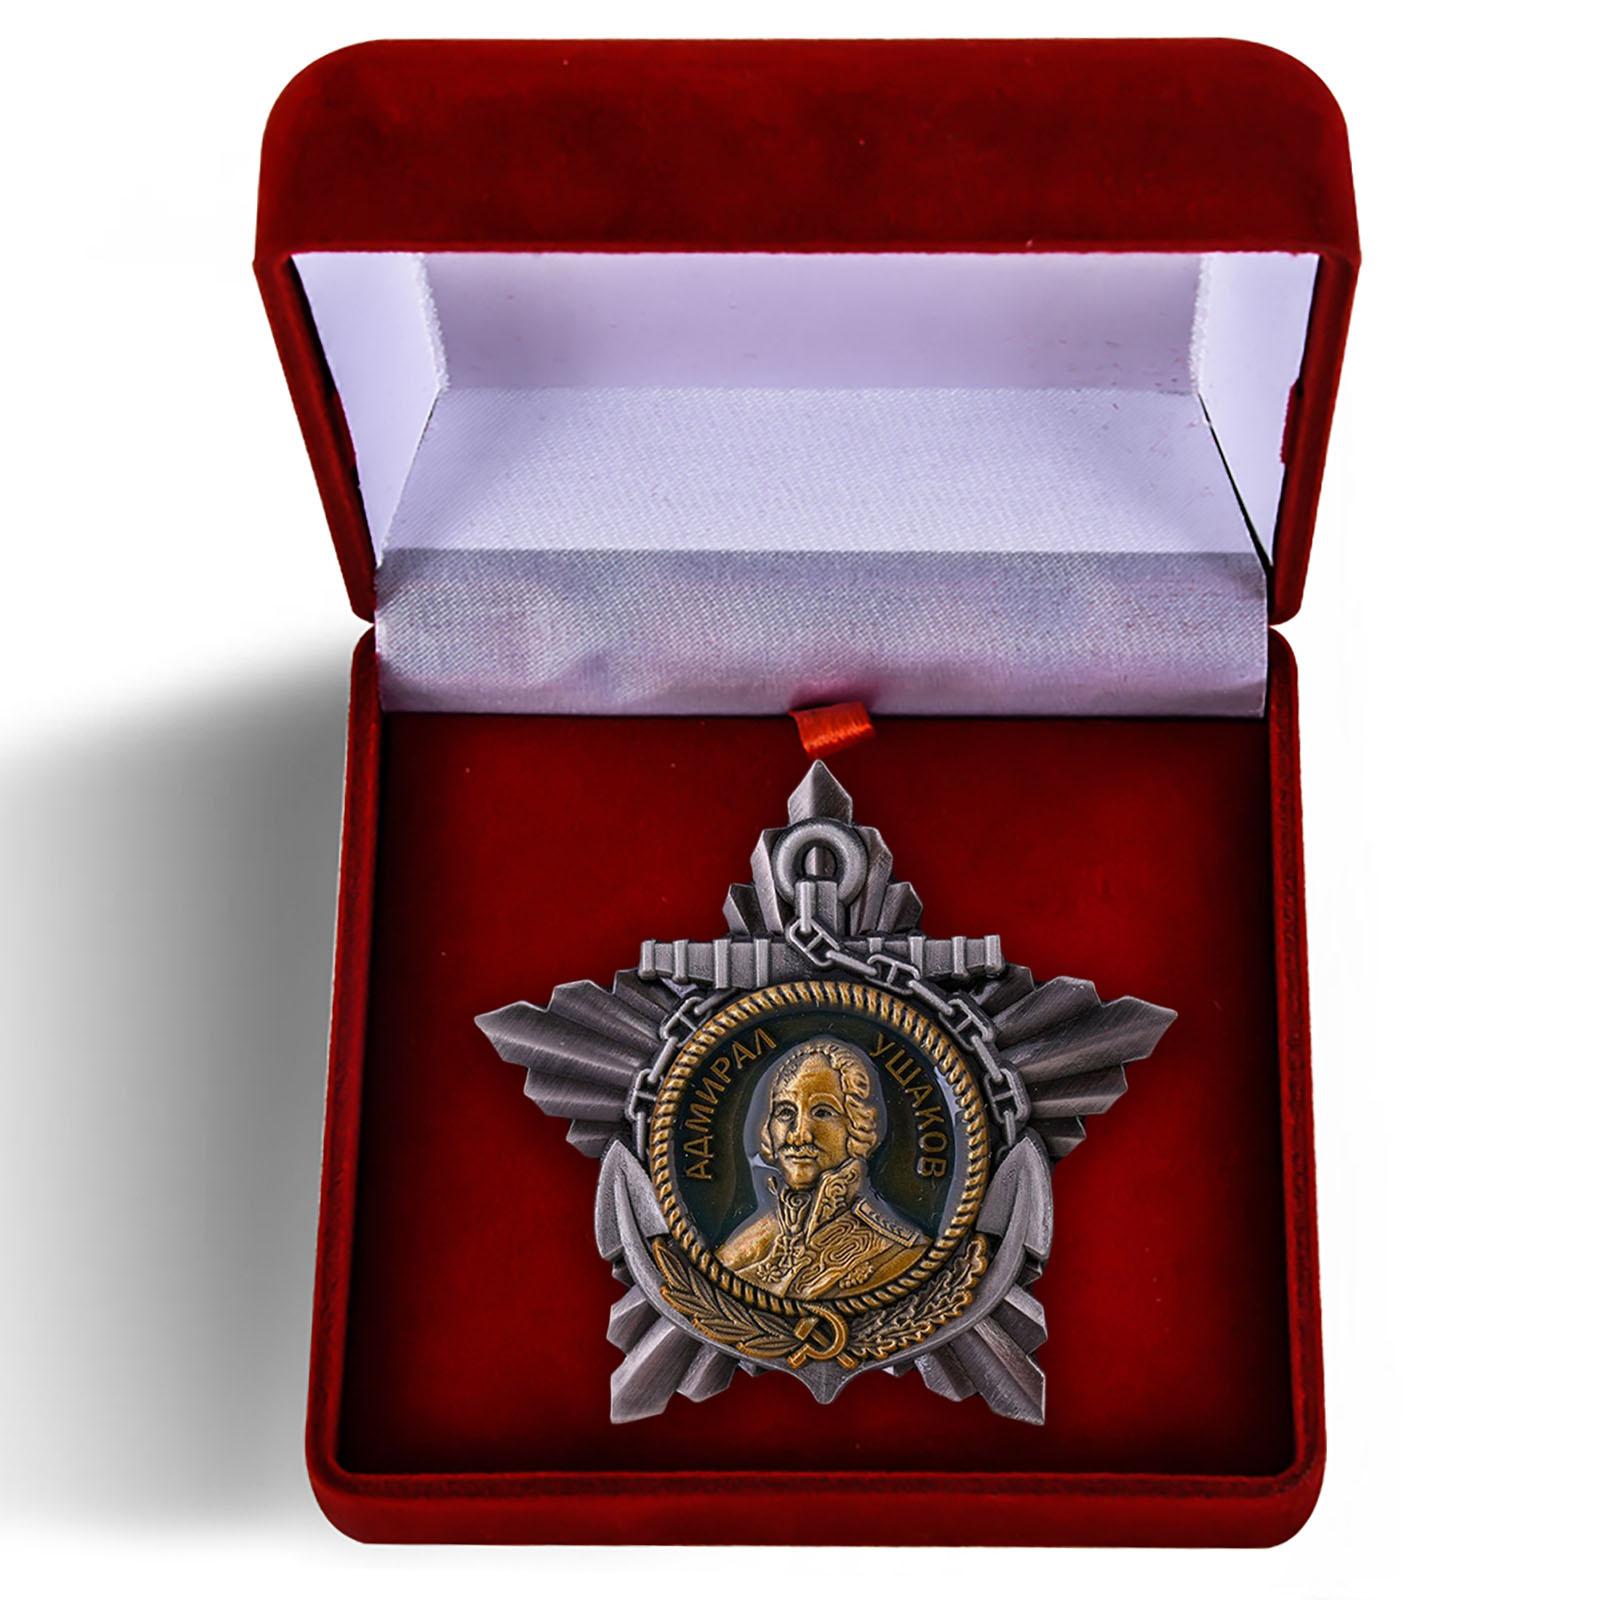 Орден Ушакова I степени - муляж в отличном качестве